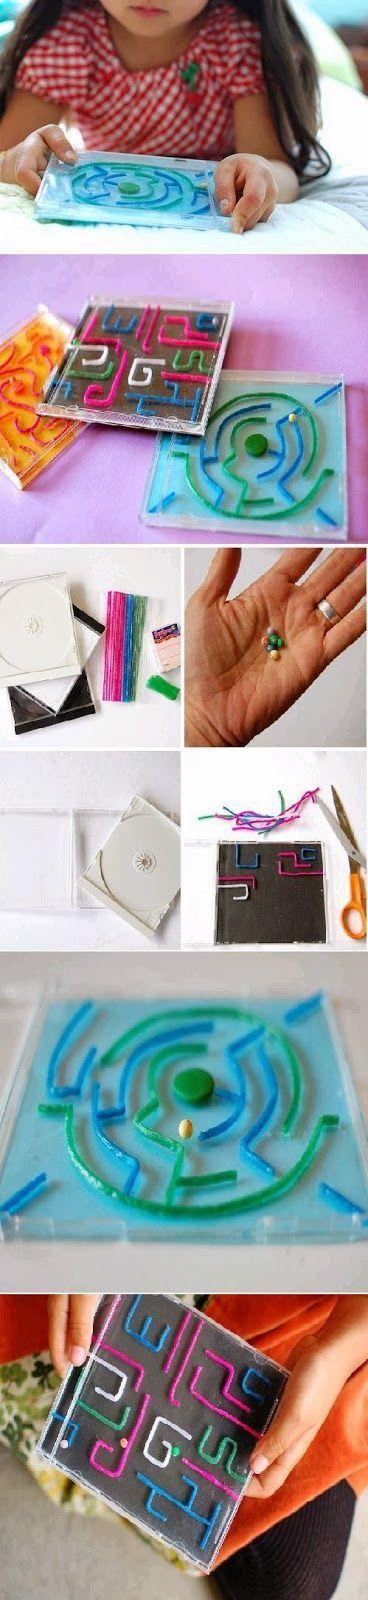 zelf maken een doolhof met CD-hoes en soort pijpenragers